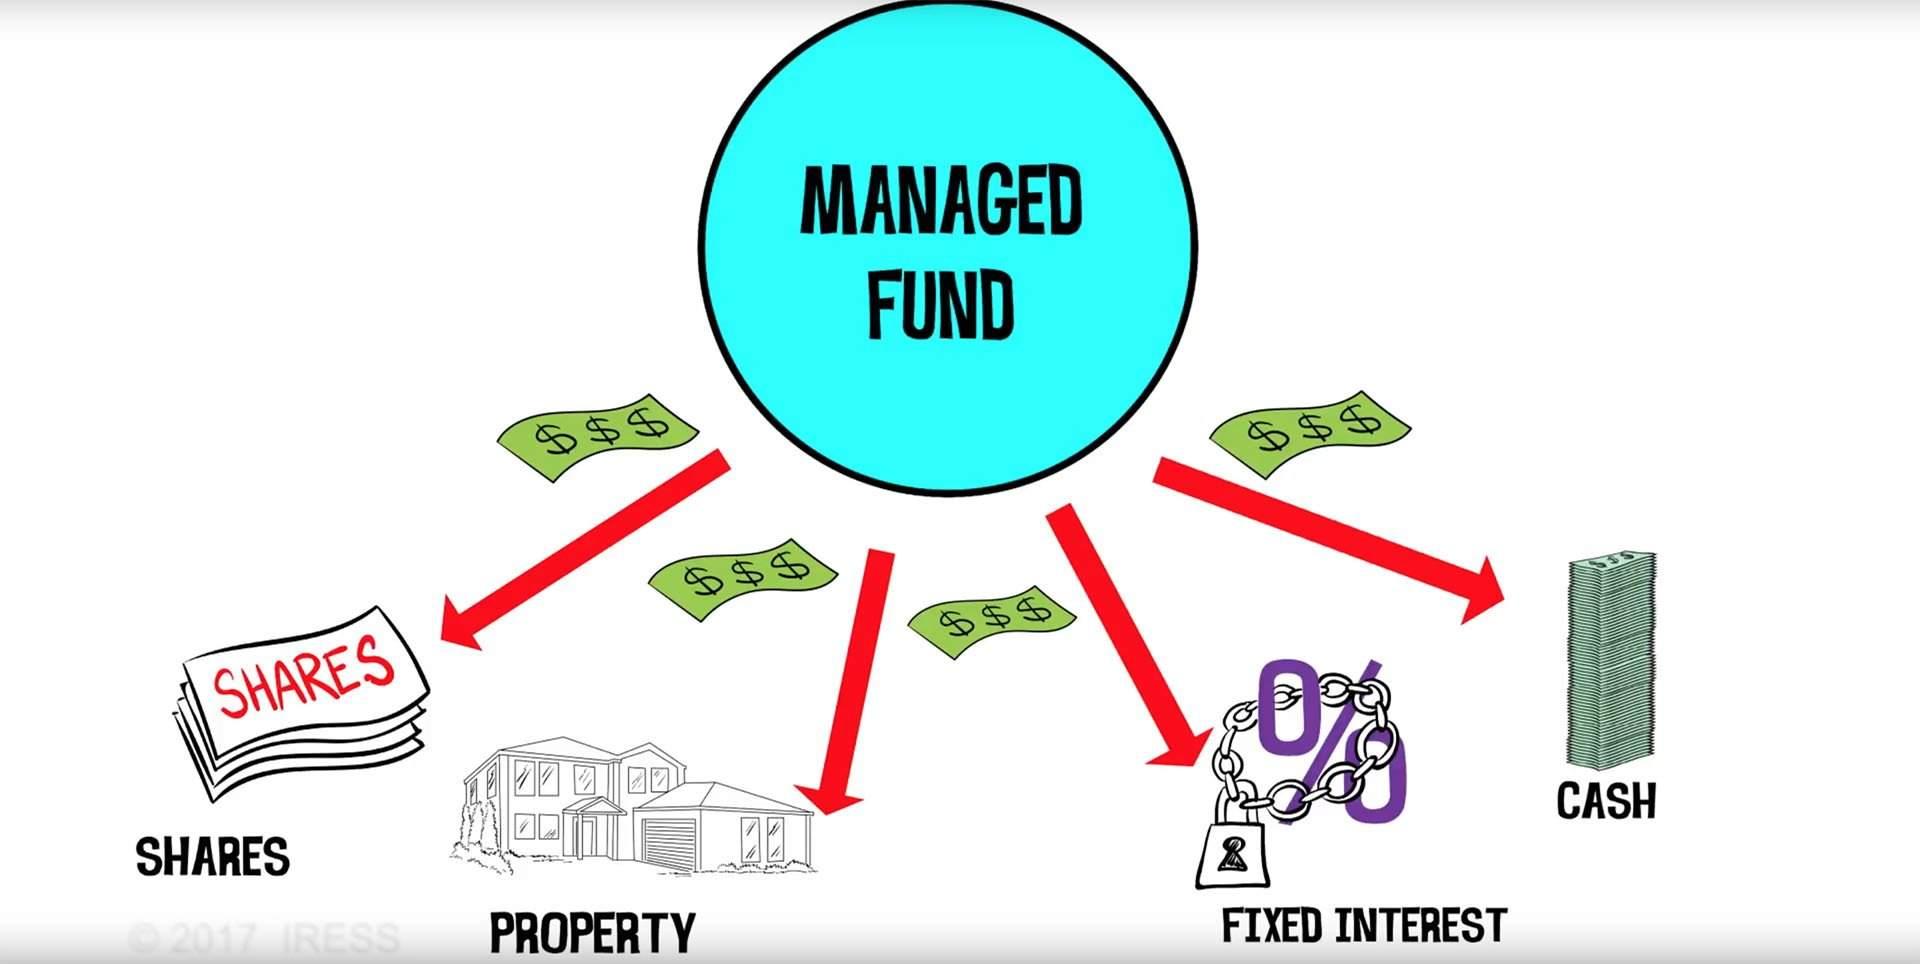 Fondo gestionado 1